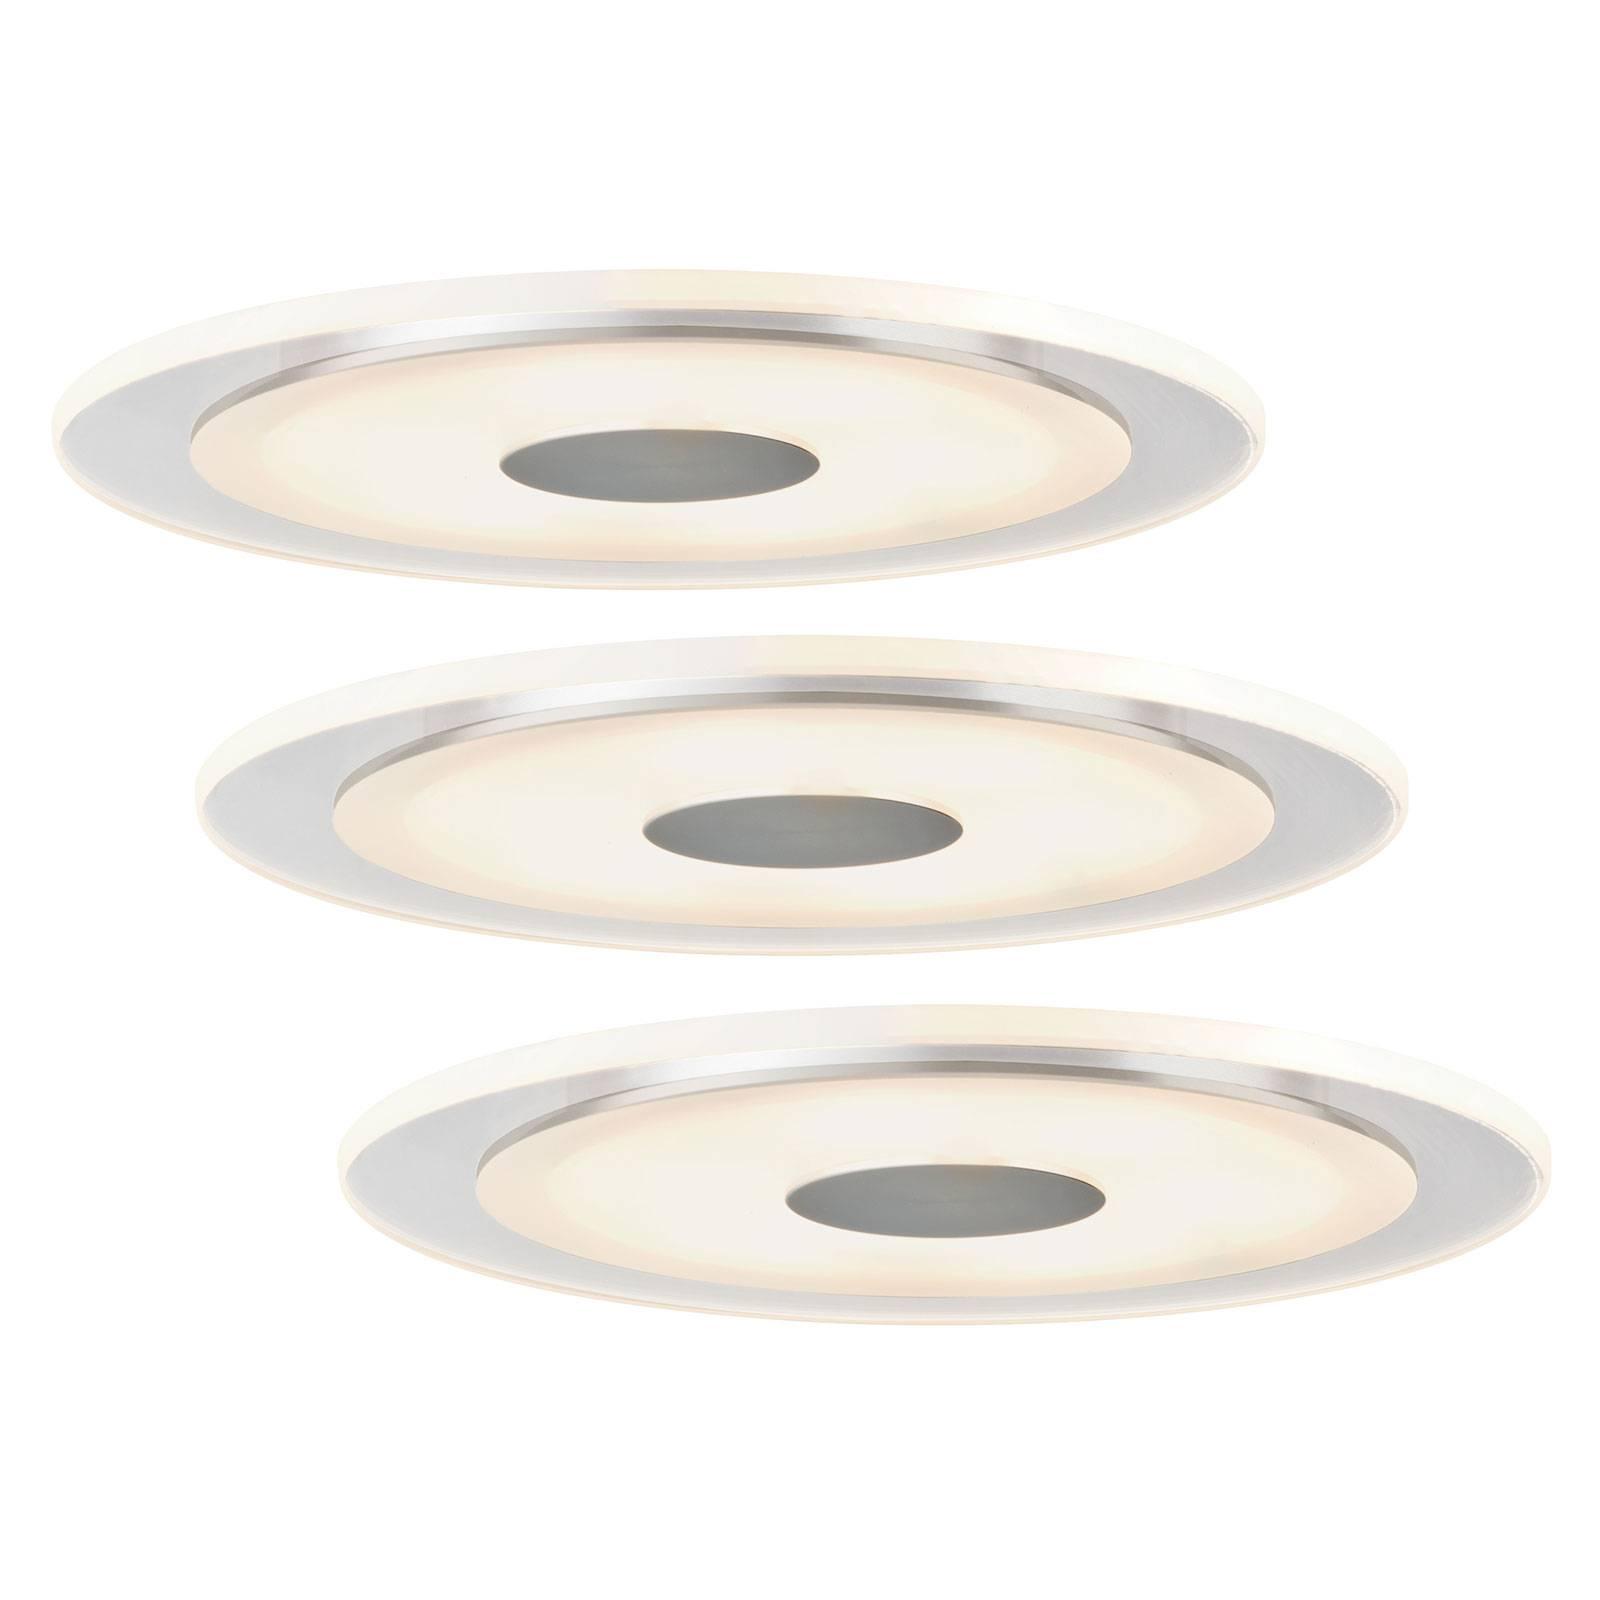 Pelkistetty Whirl-LED-uppovalaisin, 3 kpl:n setti